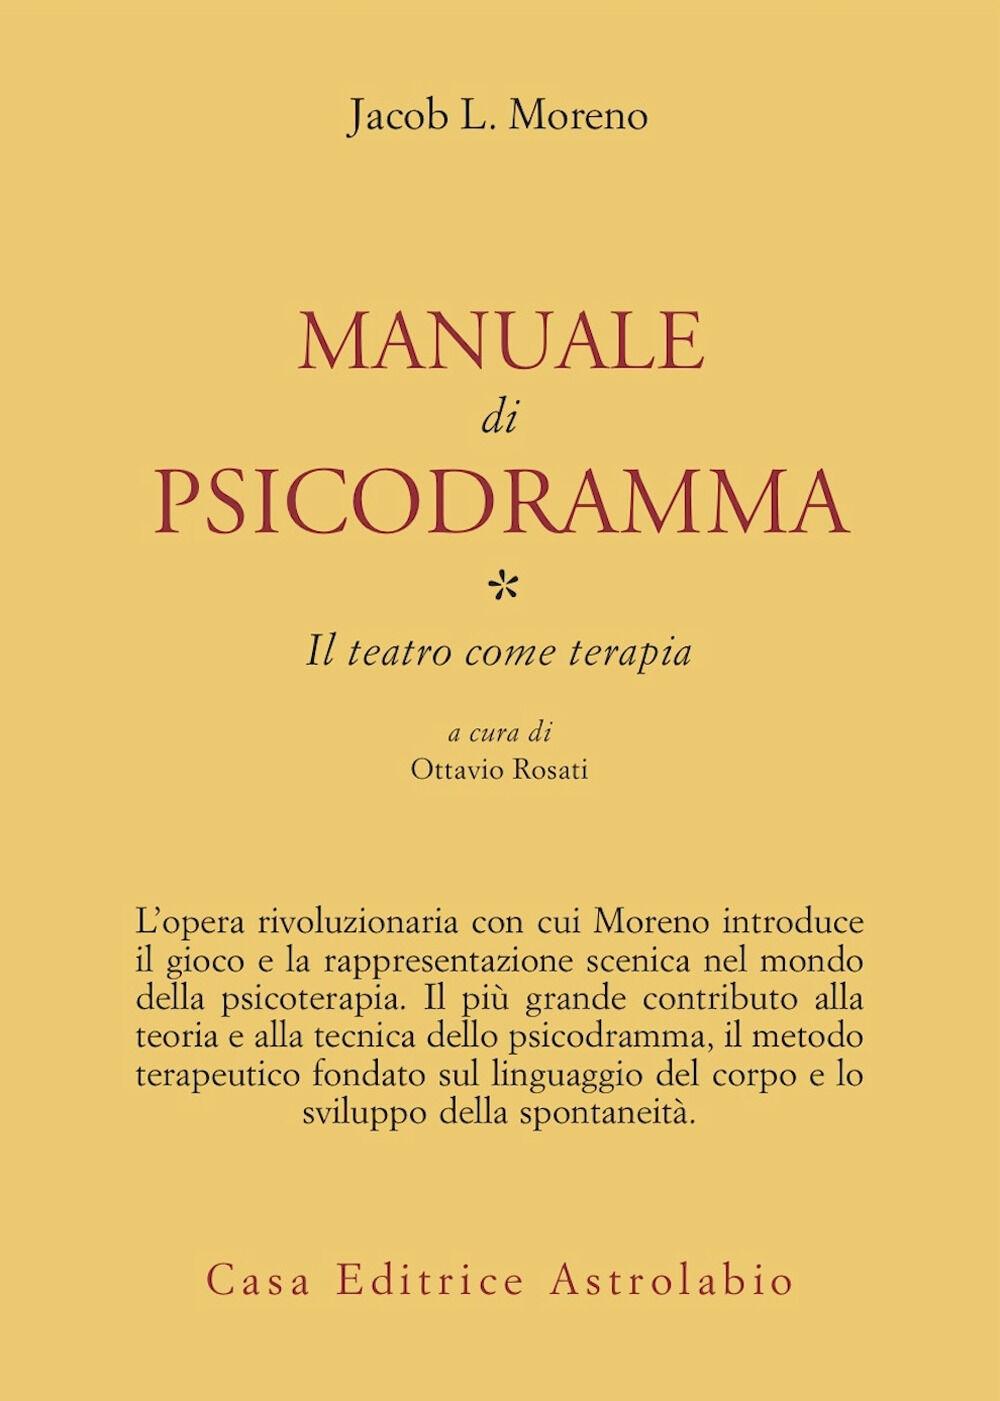 Manuale di psicodramma. Vol. 1: Il teatro come terapia.